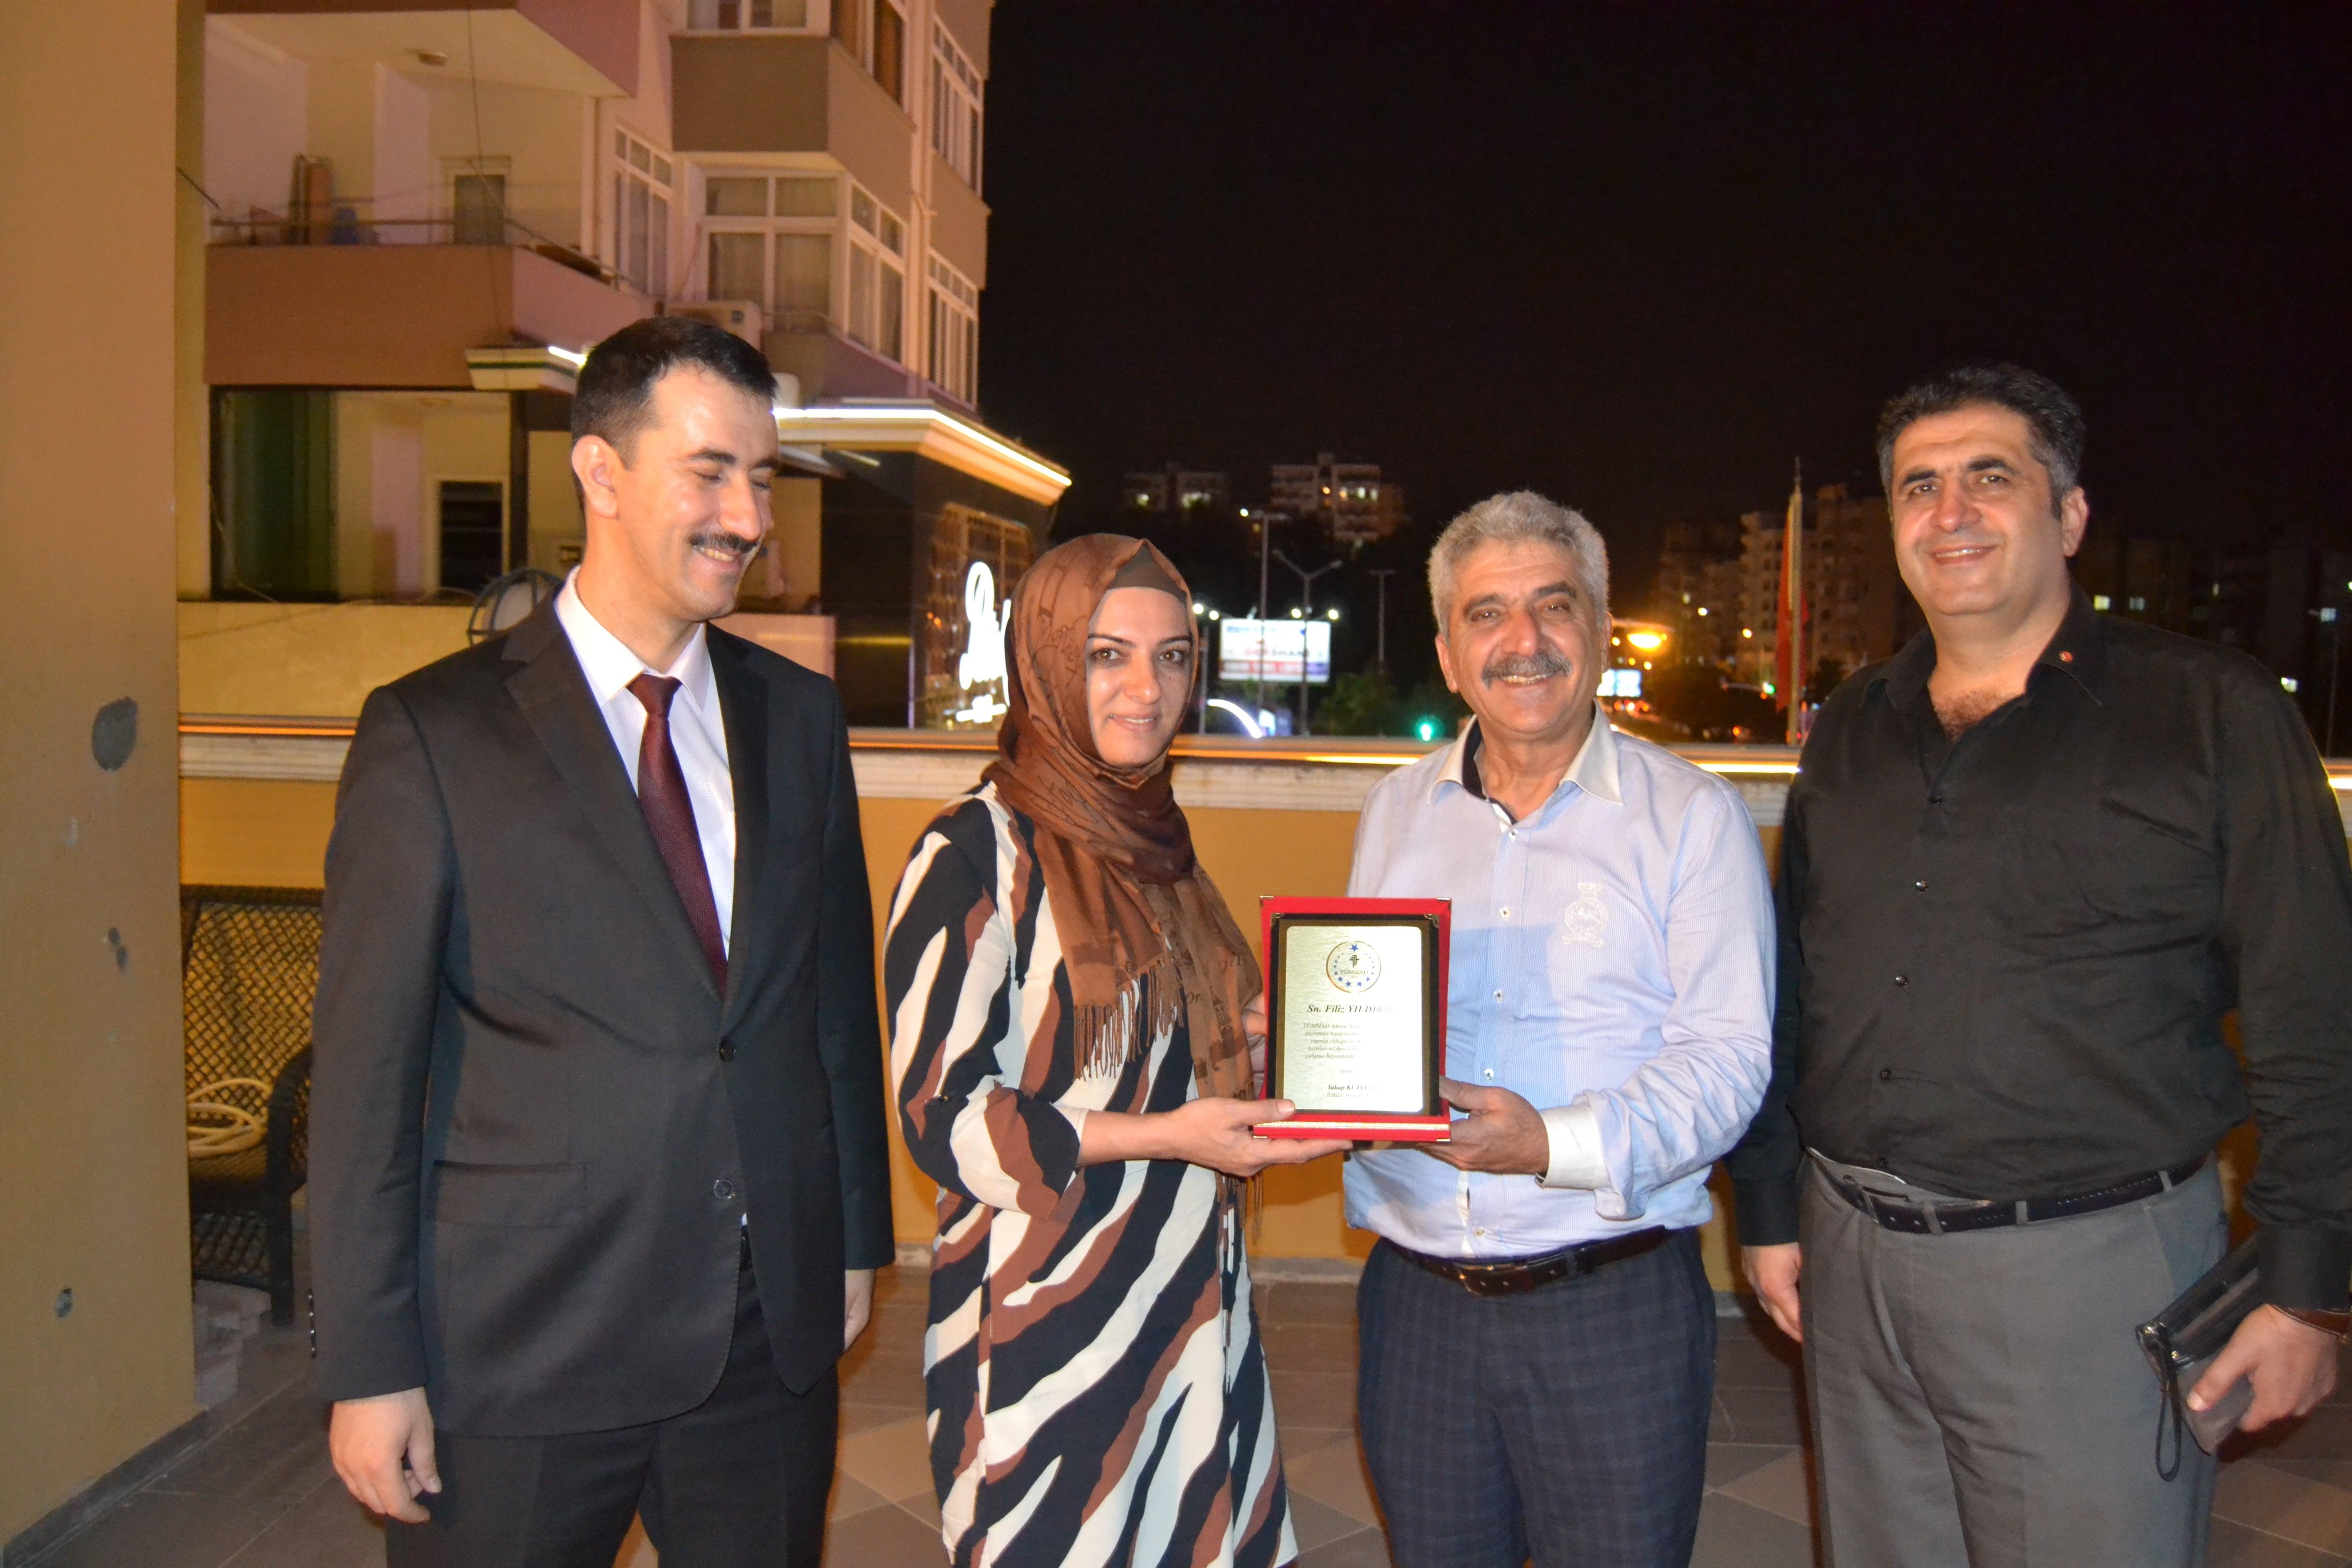 TÜMSİAD Adana Şube'den Filiz Yıldırıcı'ya Plaket